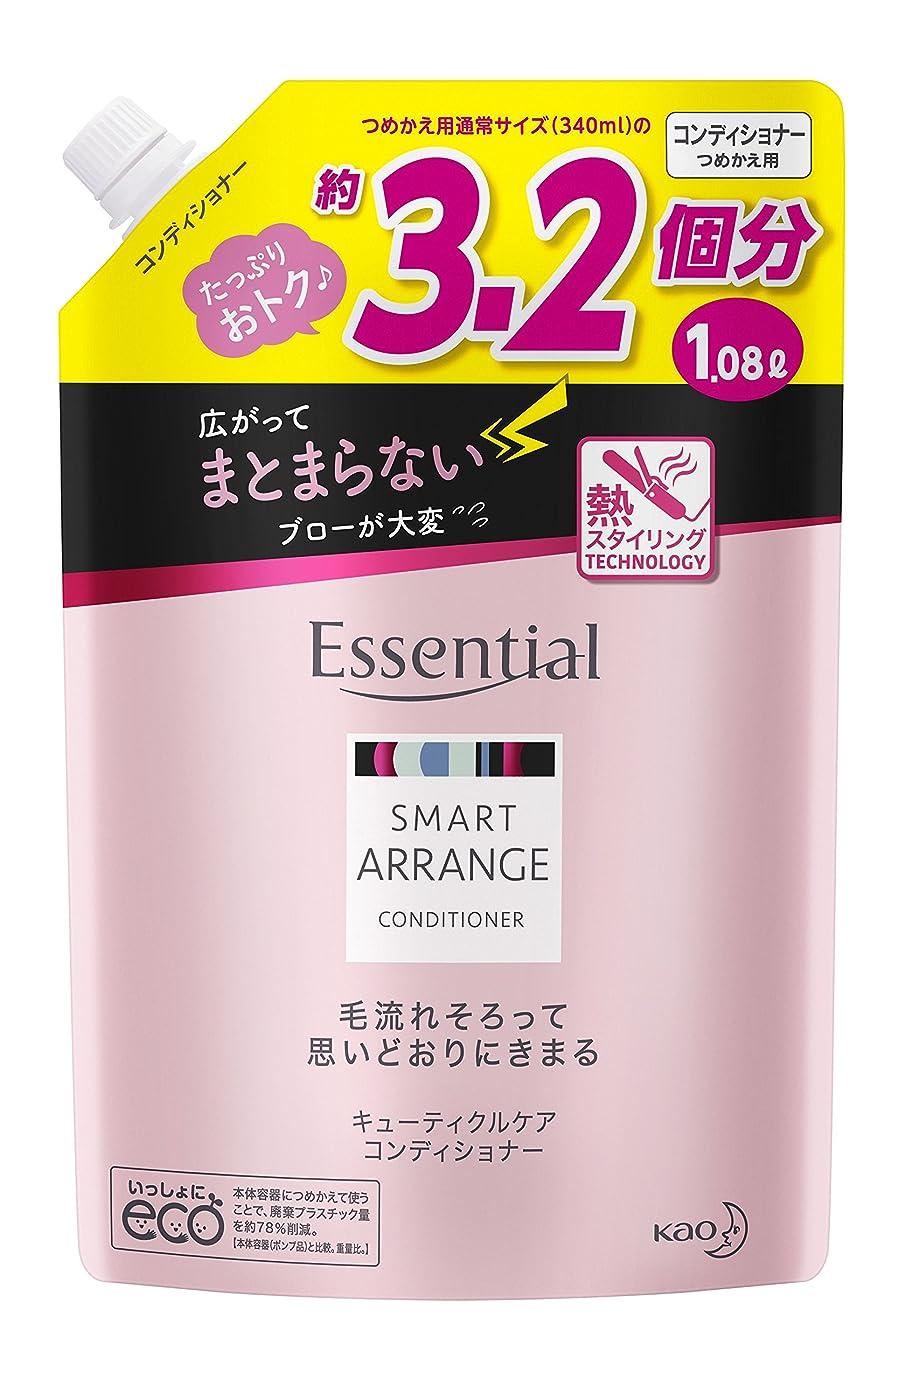 【大容量】 エッセンシャル スマートアレンジ コンディショナー つめかえ用 1080ml